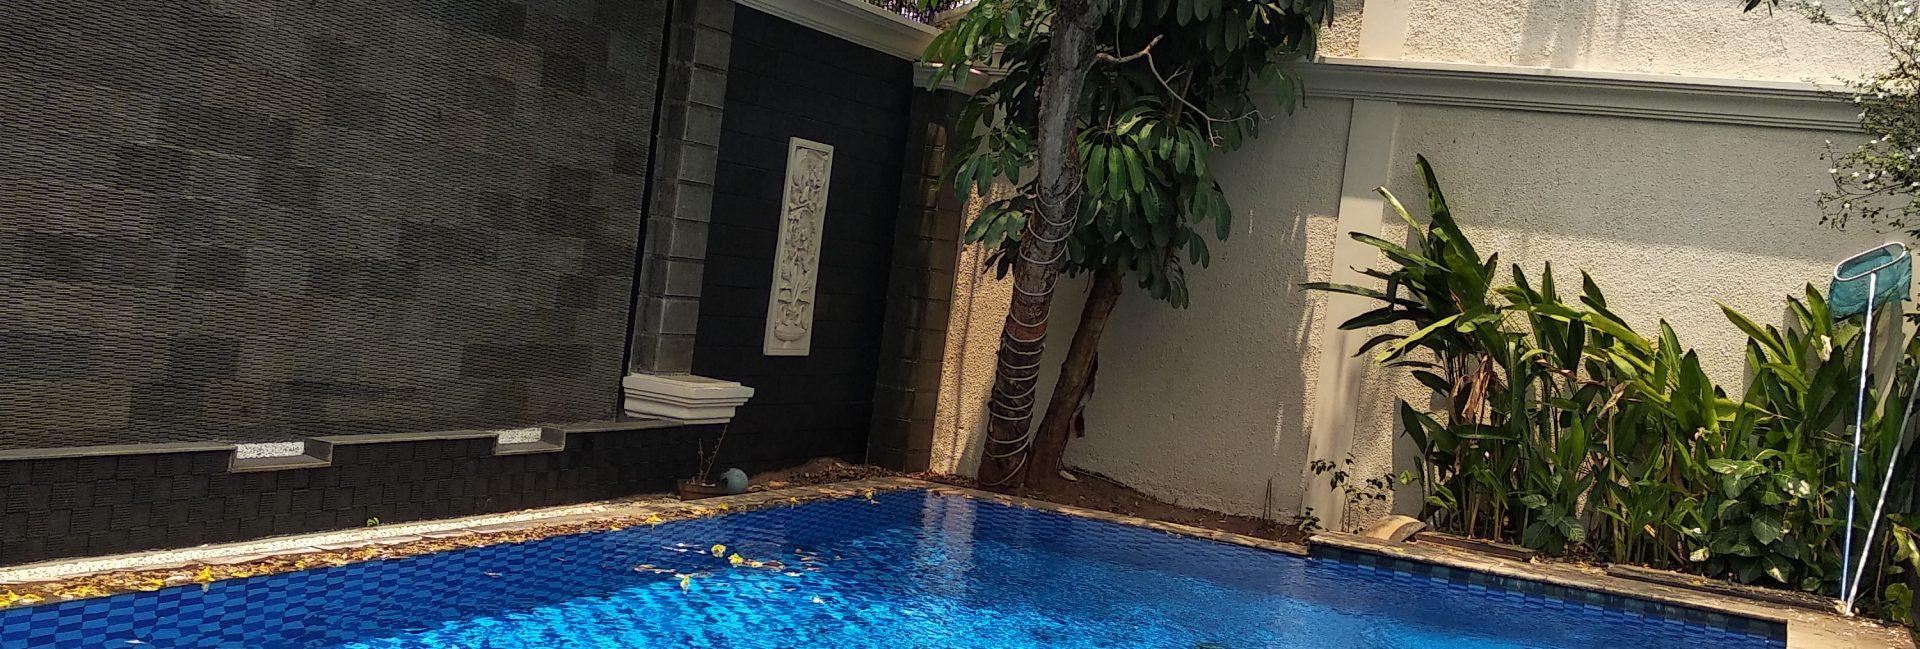 Jasa Perawatan Kolam Renang Fatmawati | Global Pools